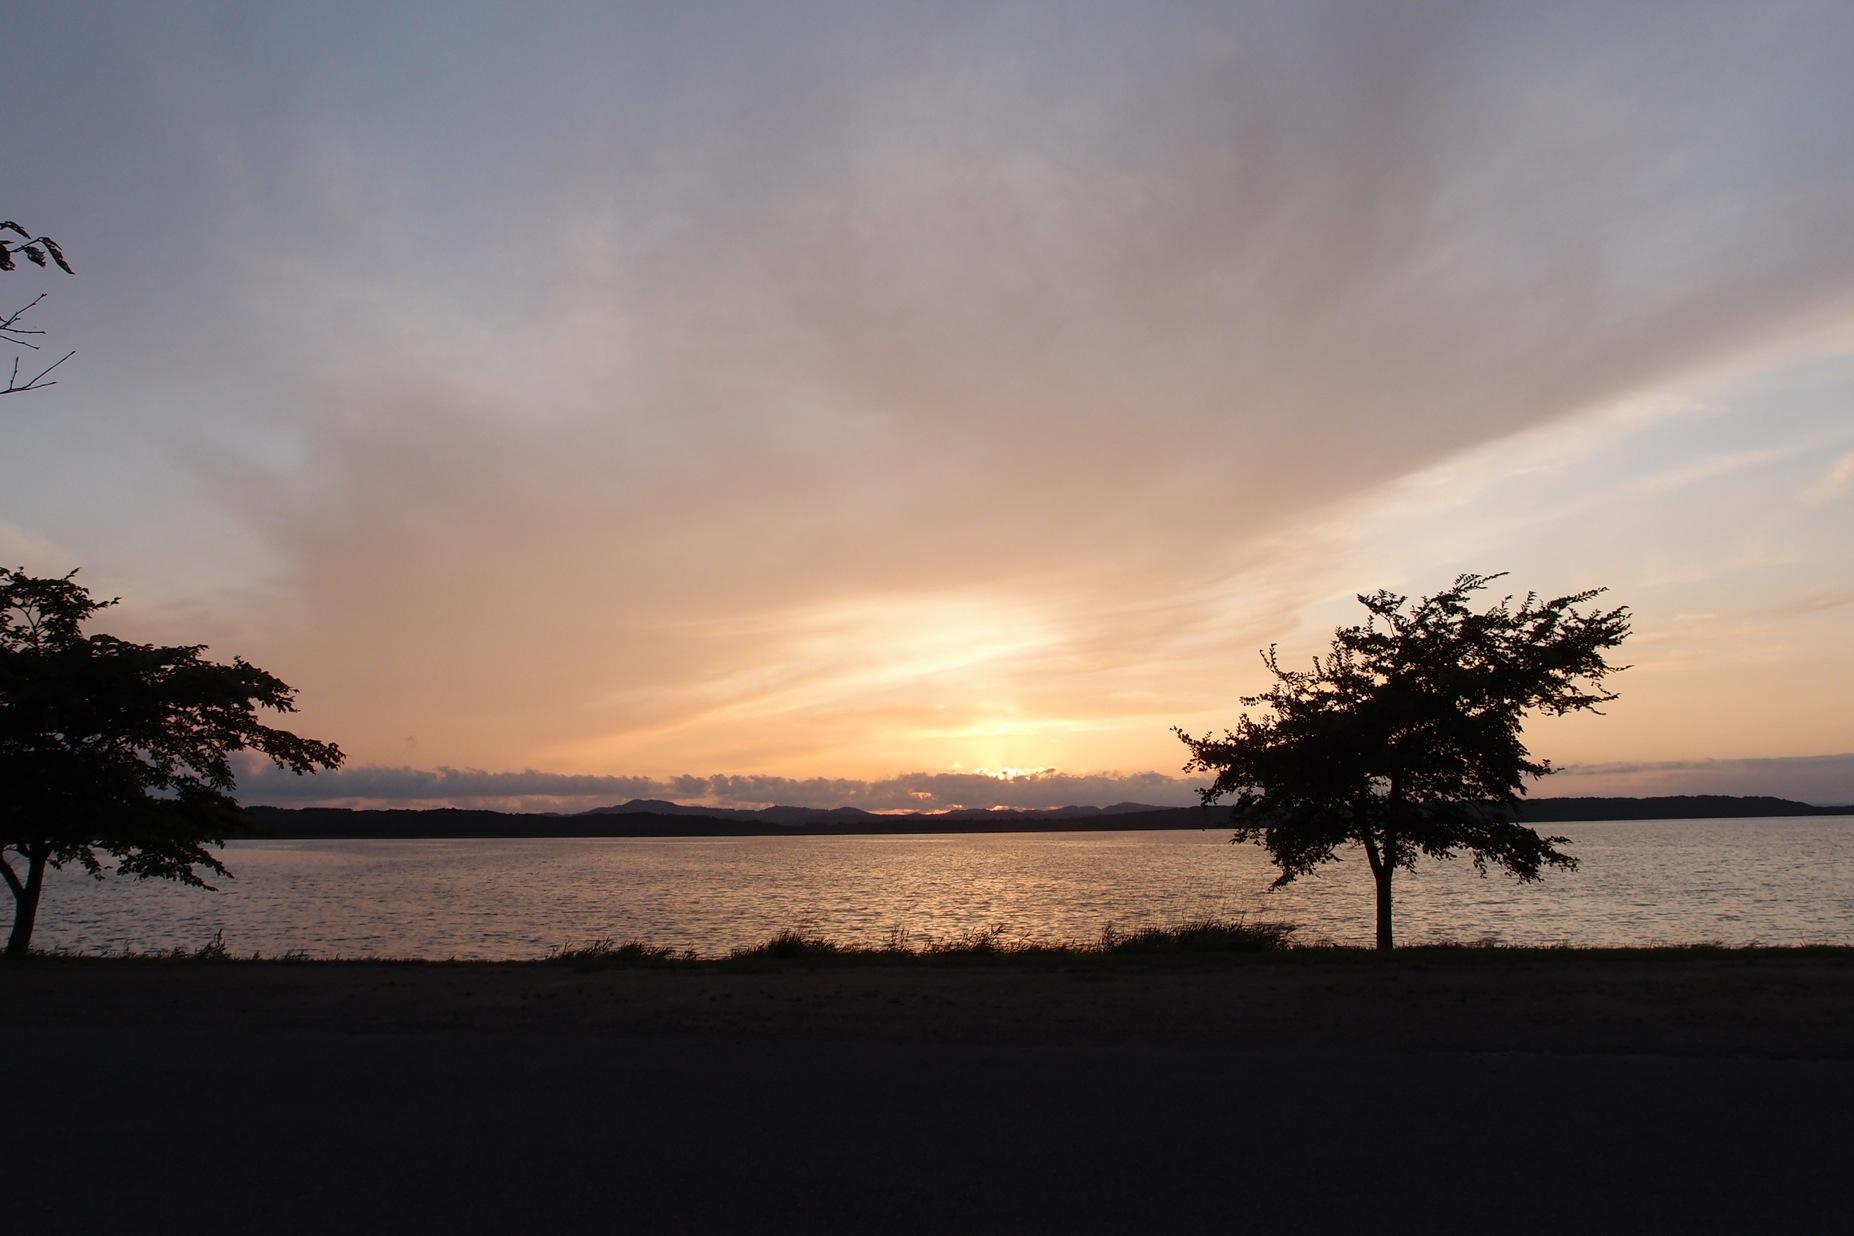 必要最少限のキッチン〜北海道湖畔キャンプ_a0116902_22534518.jpg